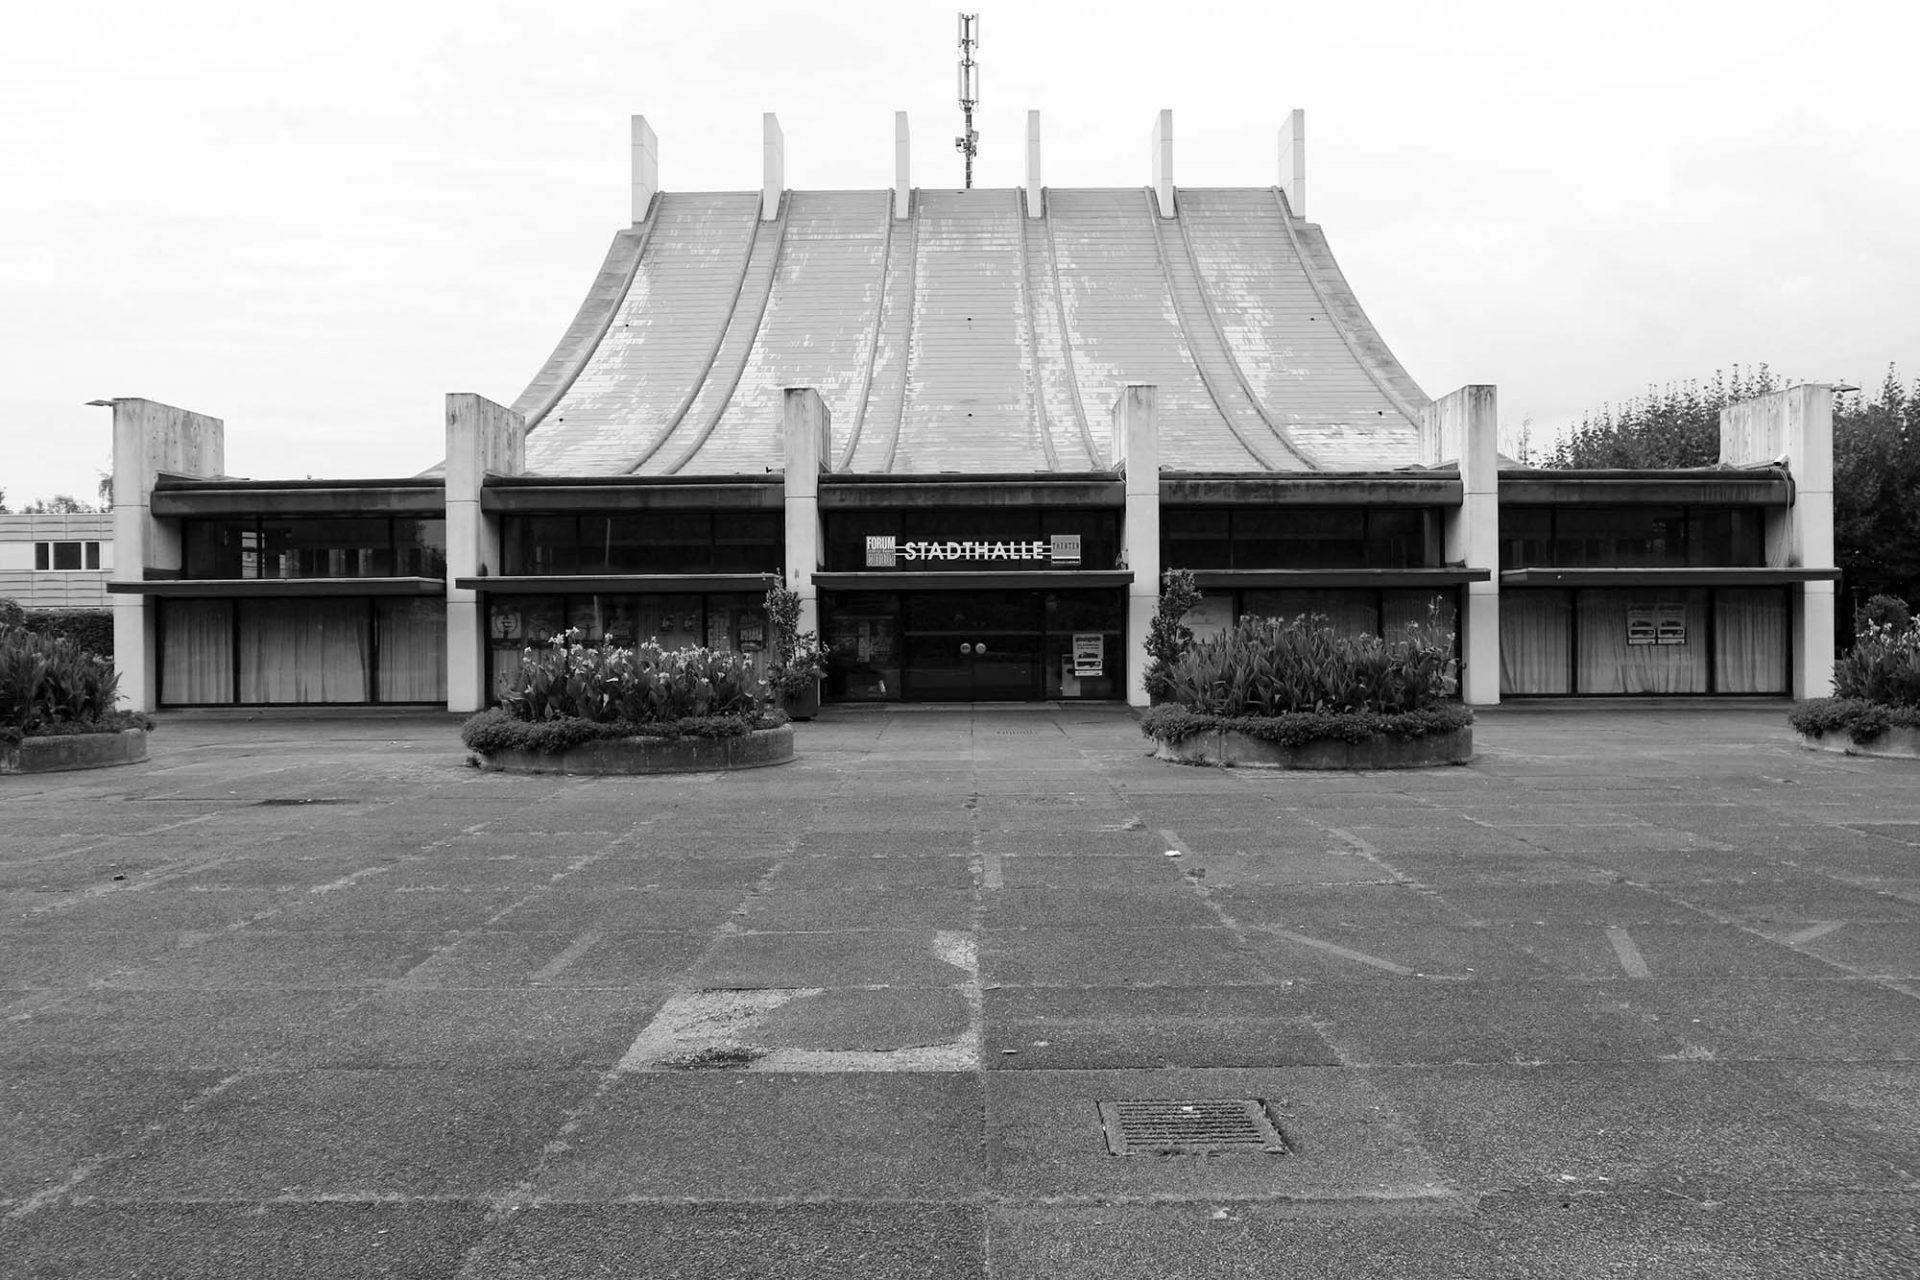 Stadthalle. Die Haupteingänge der Veranstaltungshallen sind zum Platz hin ausgerichtet. Deren Dächer schwingen hinab auf menschliches Maß.